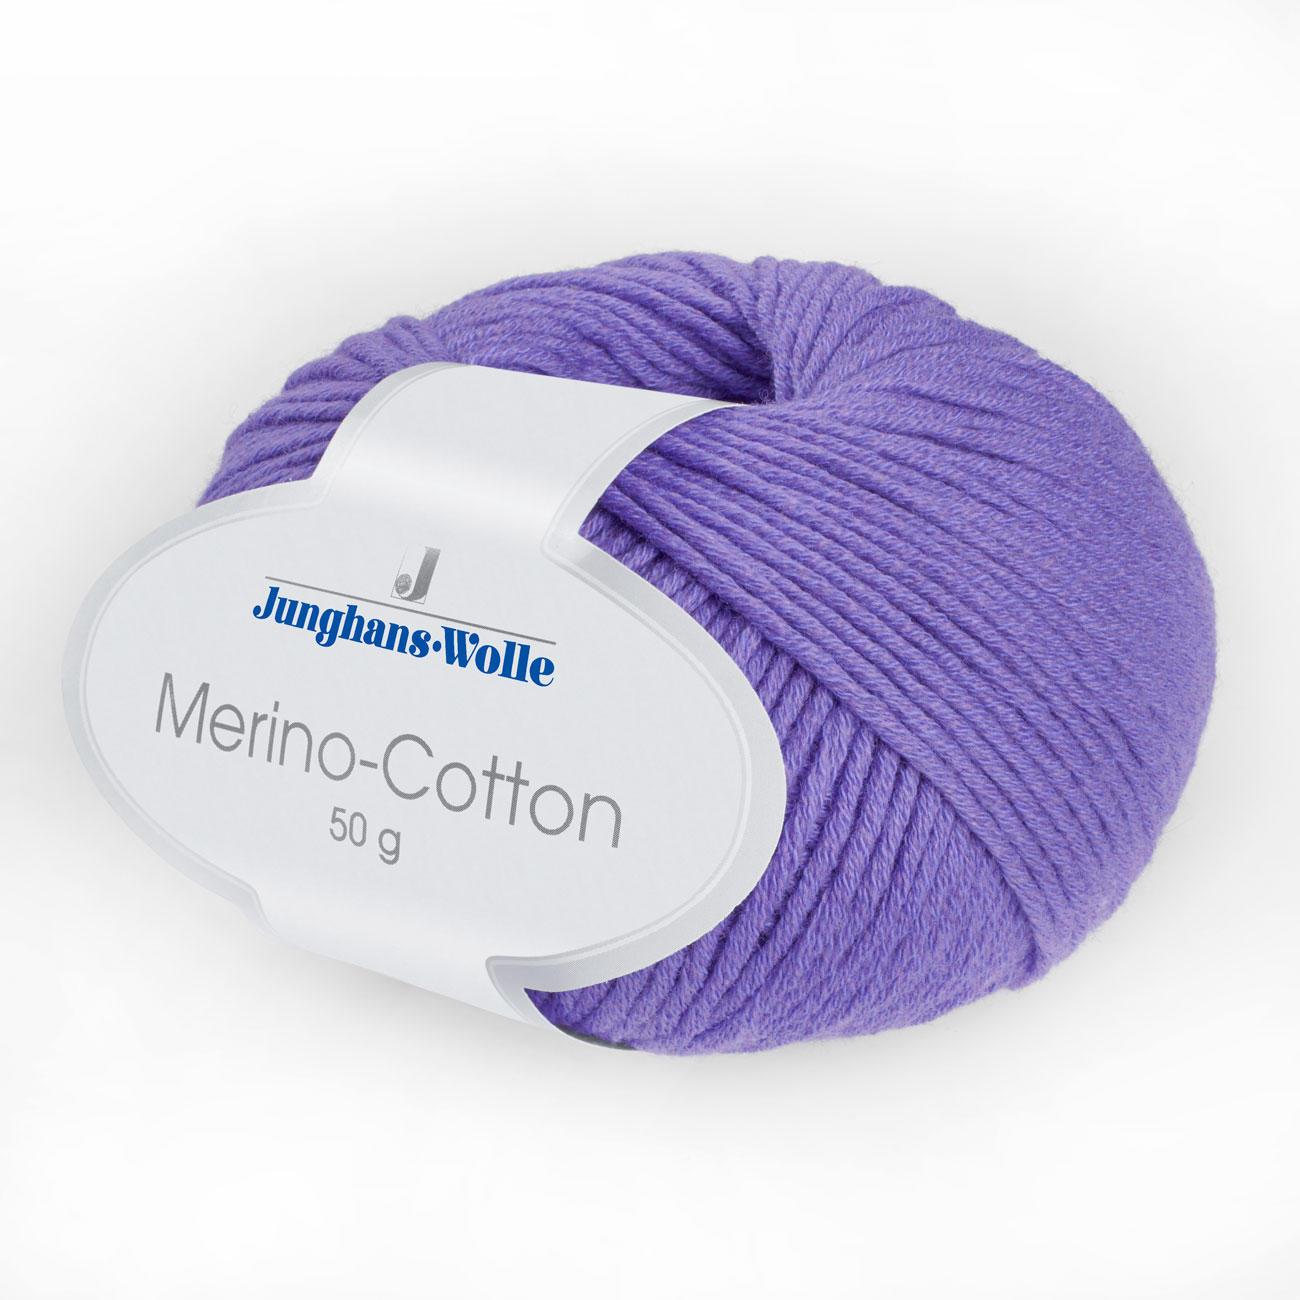 anleitung 127 0 damenpullover aus merino cotton von junghans wolle 1 versch farben. Black Bedroom Furniture Sets. Home Design Ideas